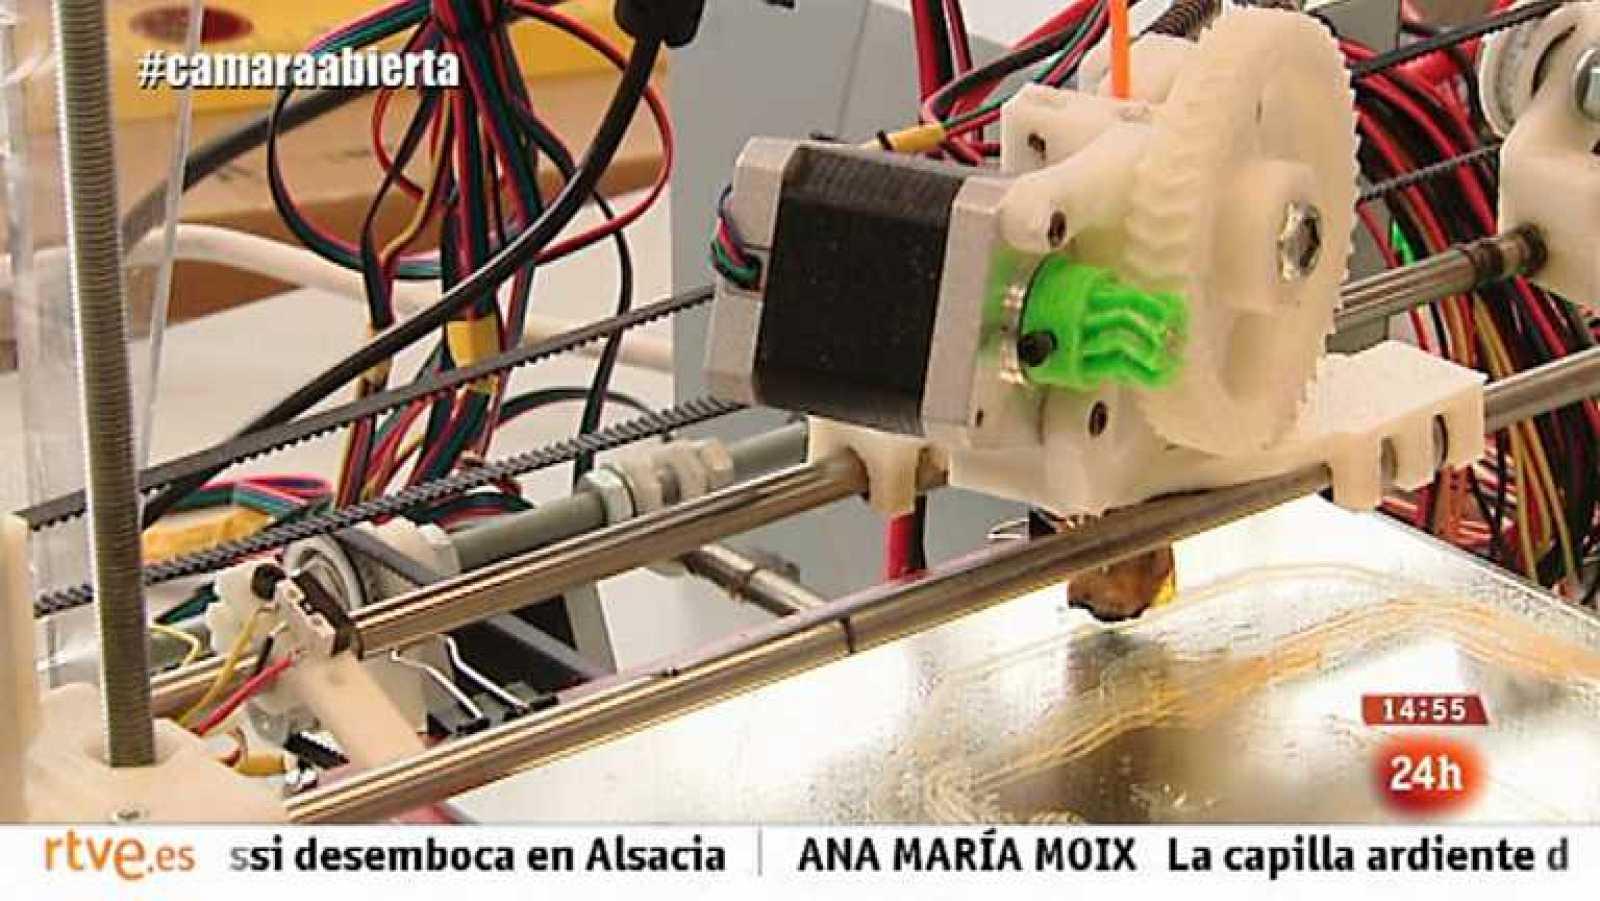 Cámara abierta 2.0 - Tendencias en el consumo de cine, MashmeTV, Humans of New York y Henar Álvarez en 1minutoCOM - 01/03/14 - ver ahora